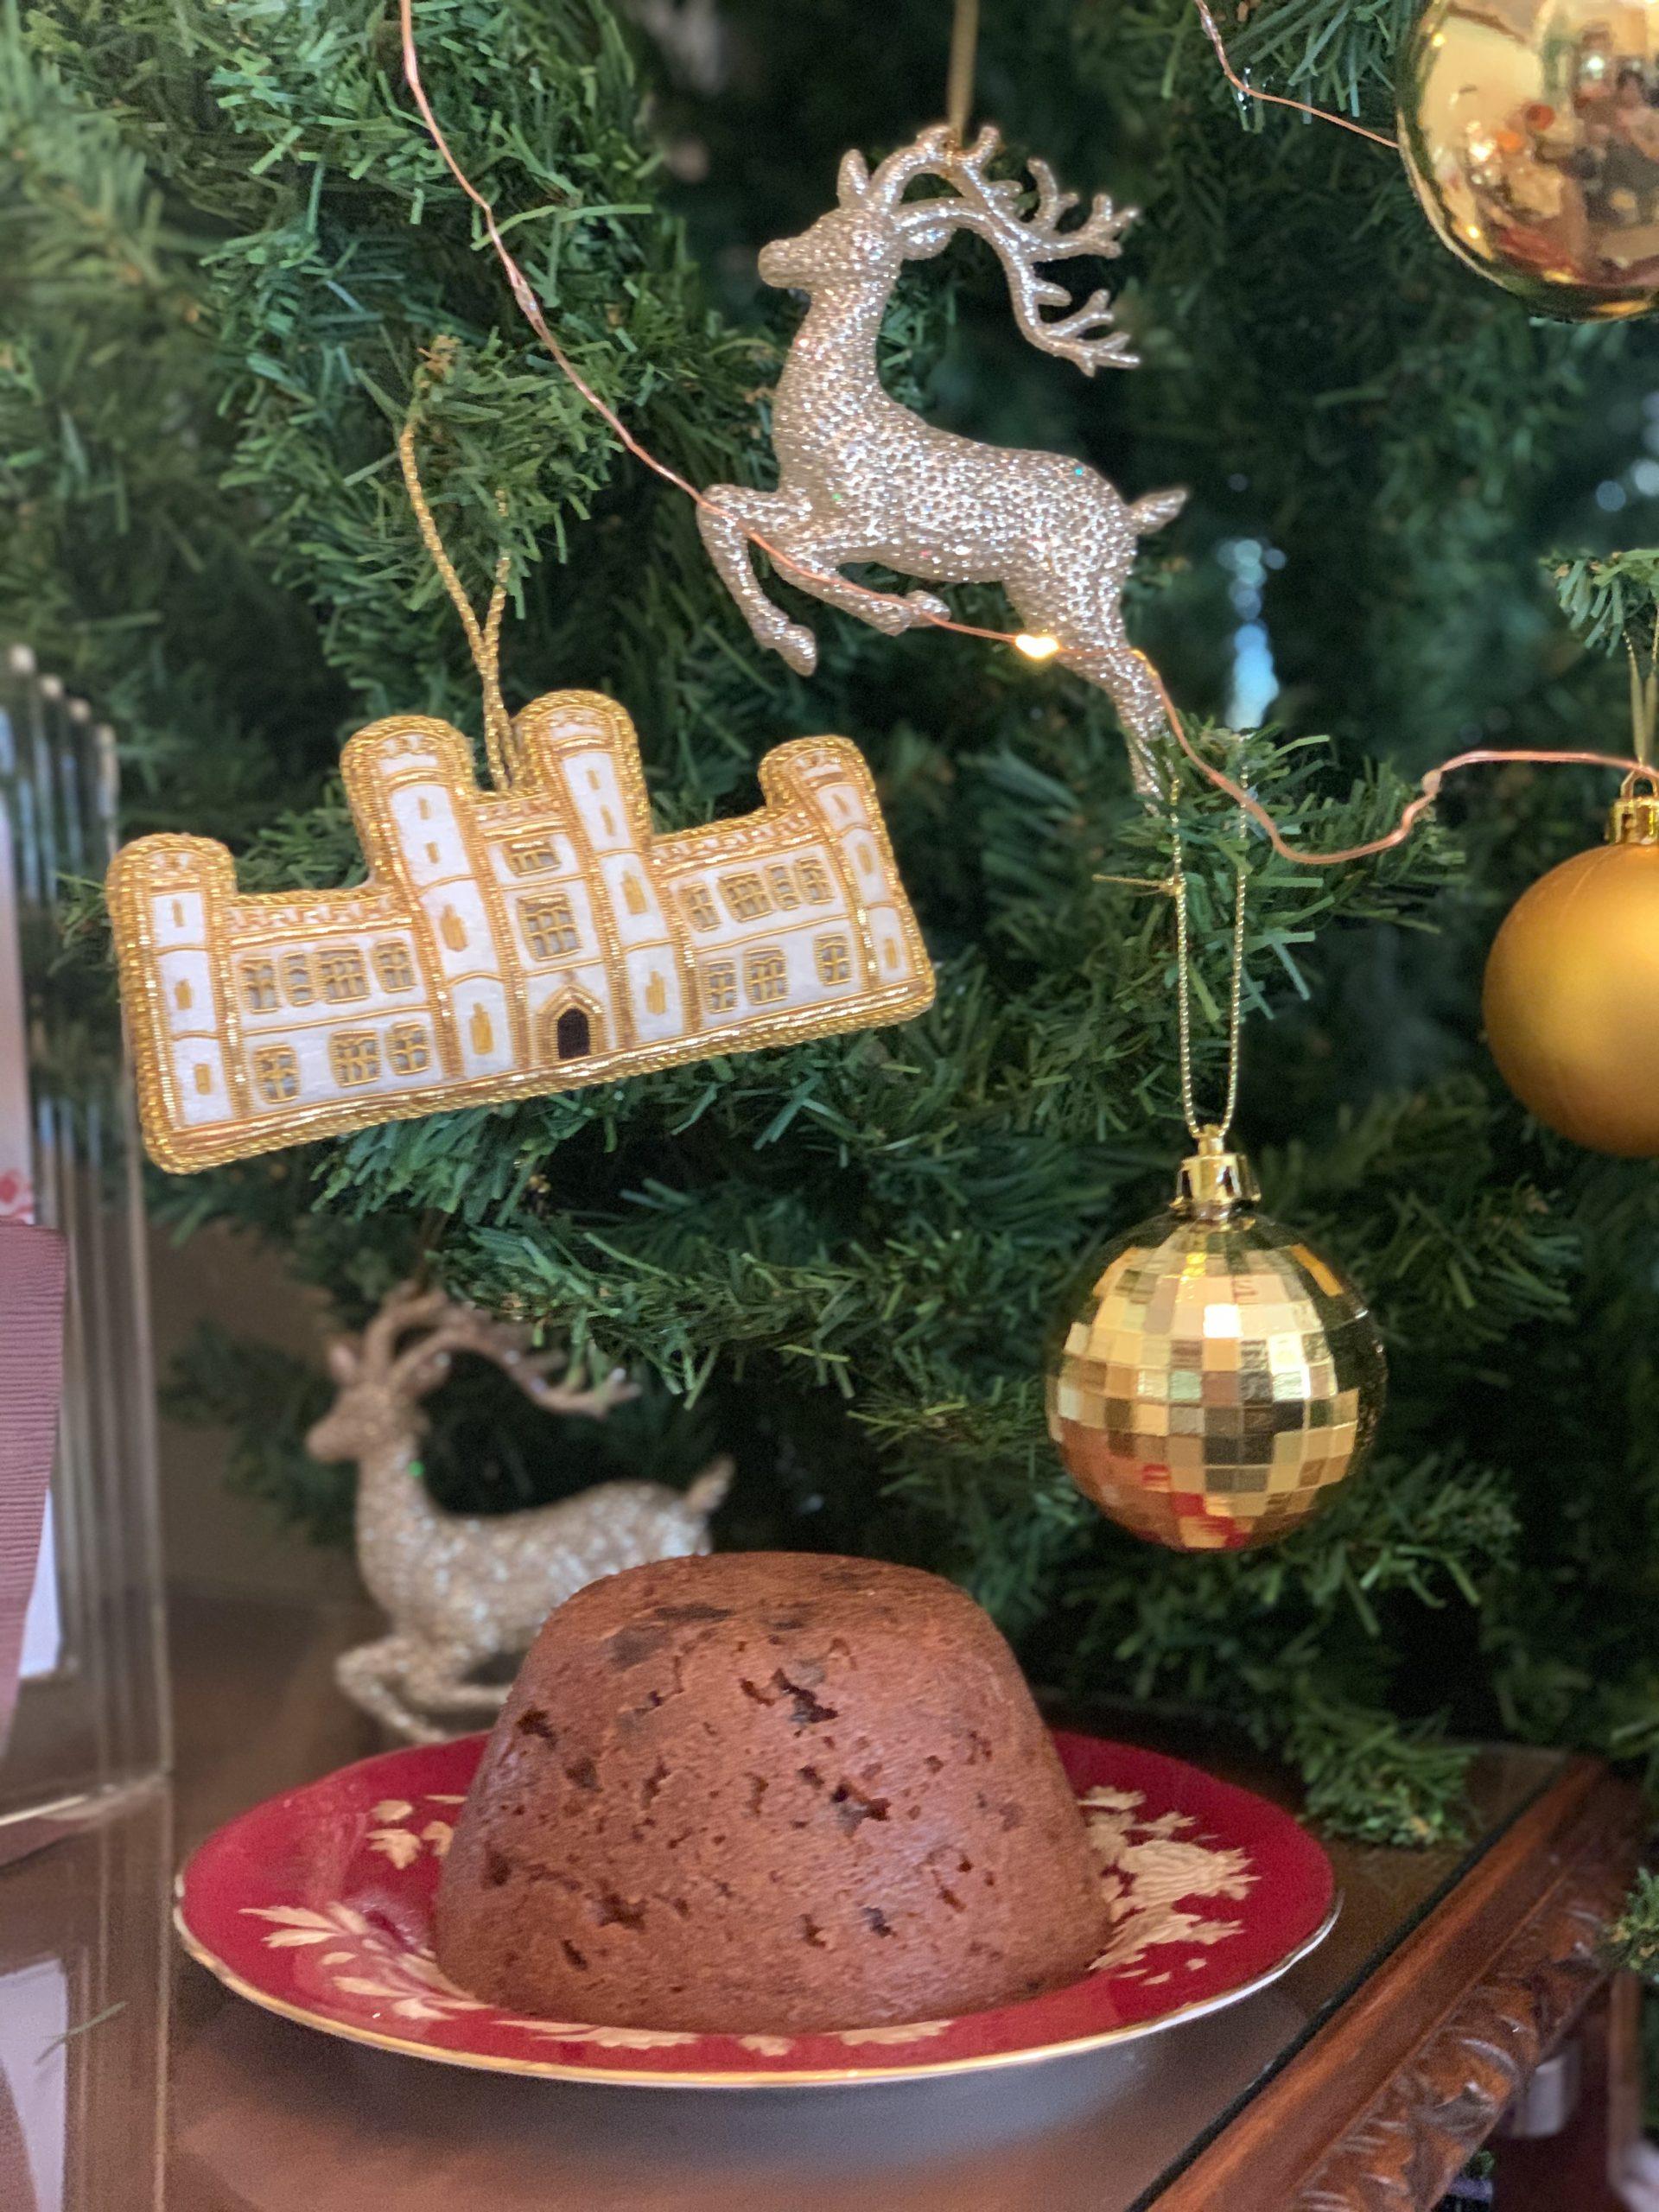 クリスマスプディングを作りましょう🎄